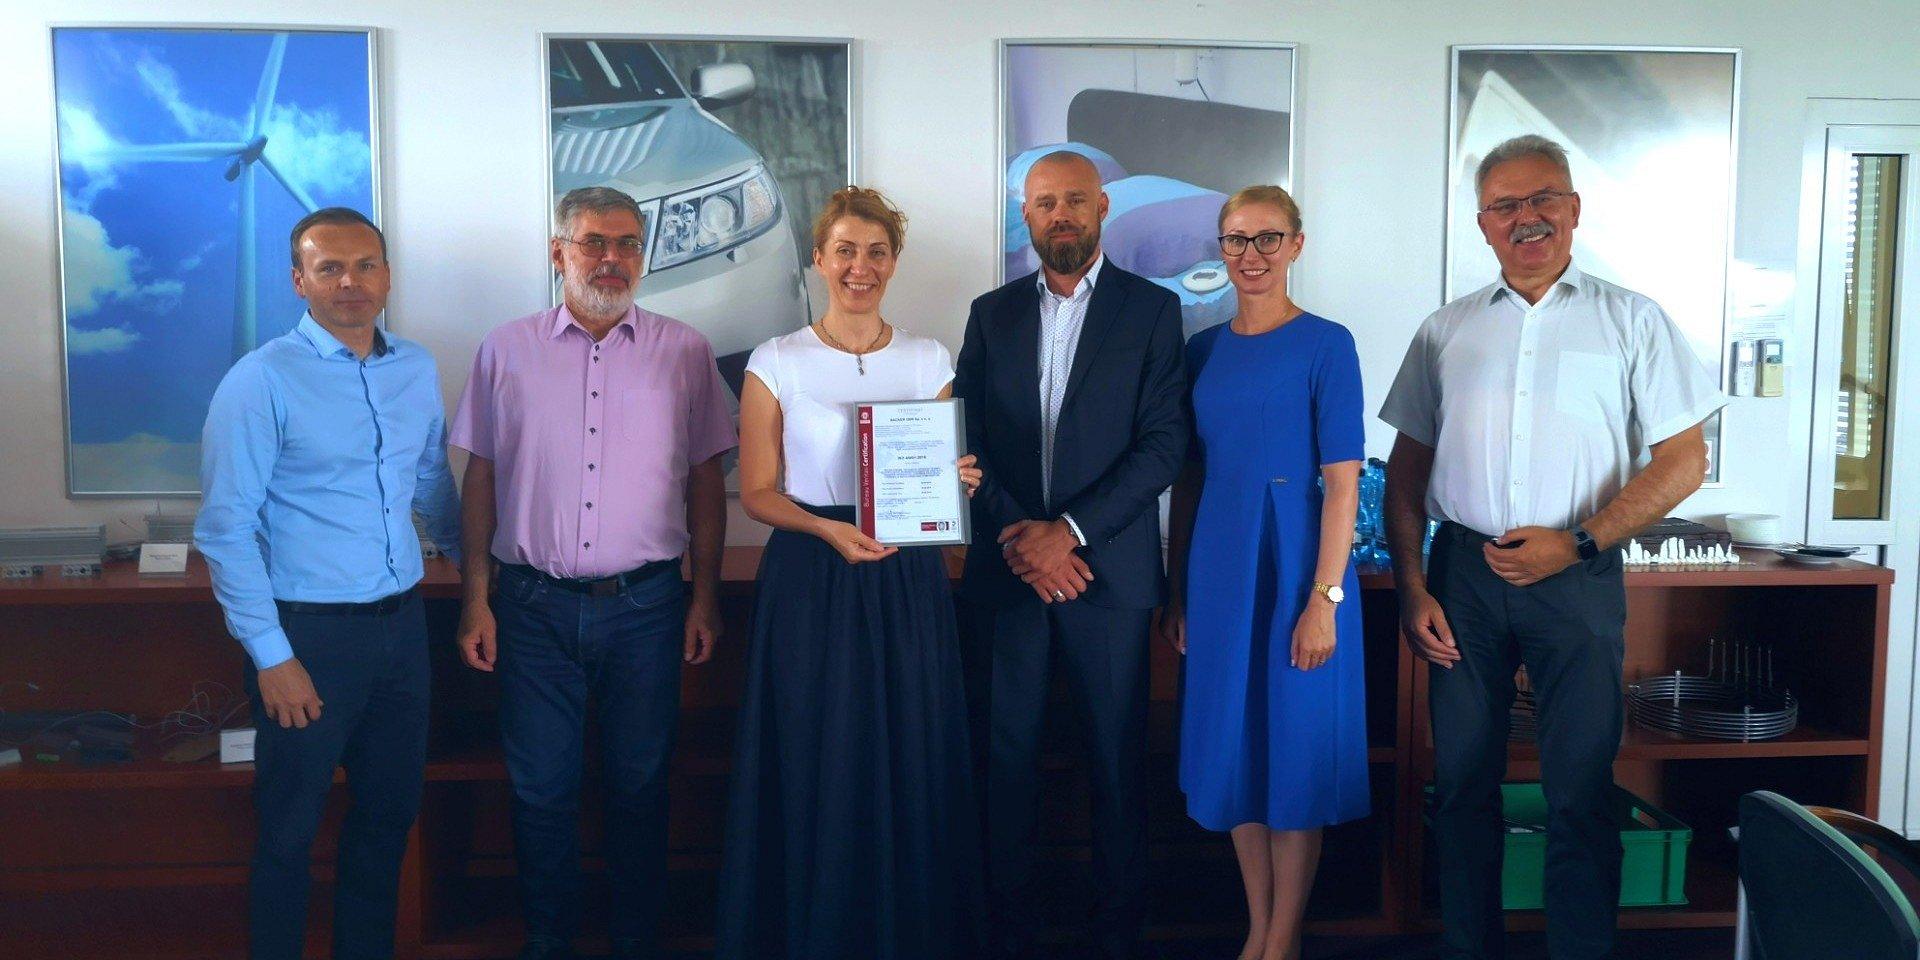 Firma Backer OBR certyfikowała system zarządzania BHP w oparciu o normę ISO 45001